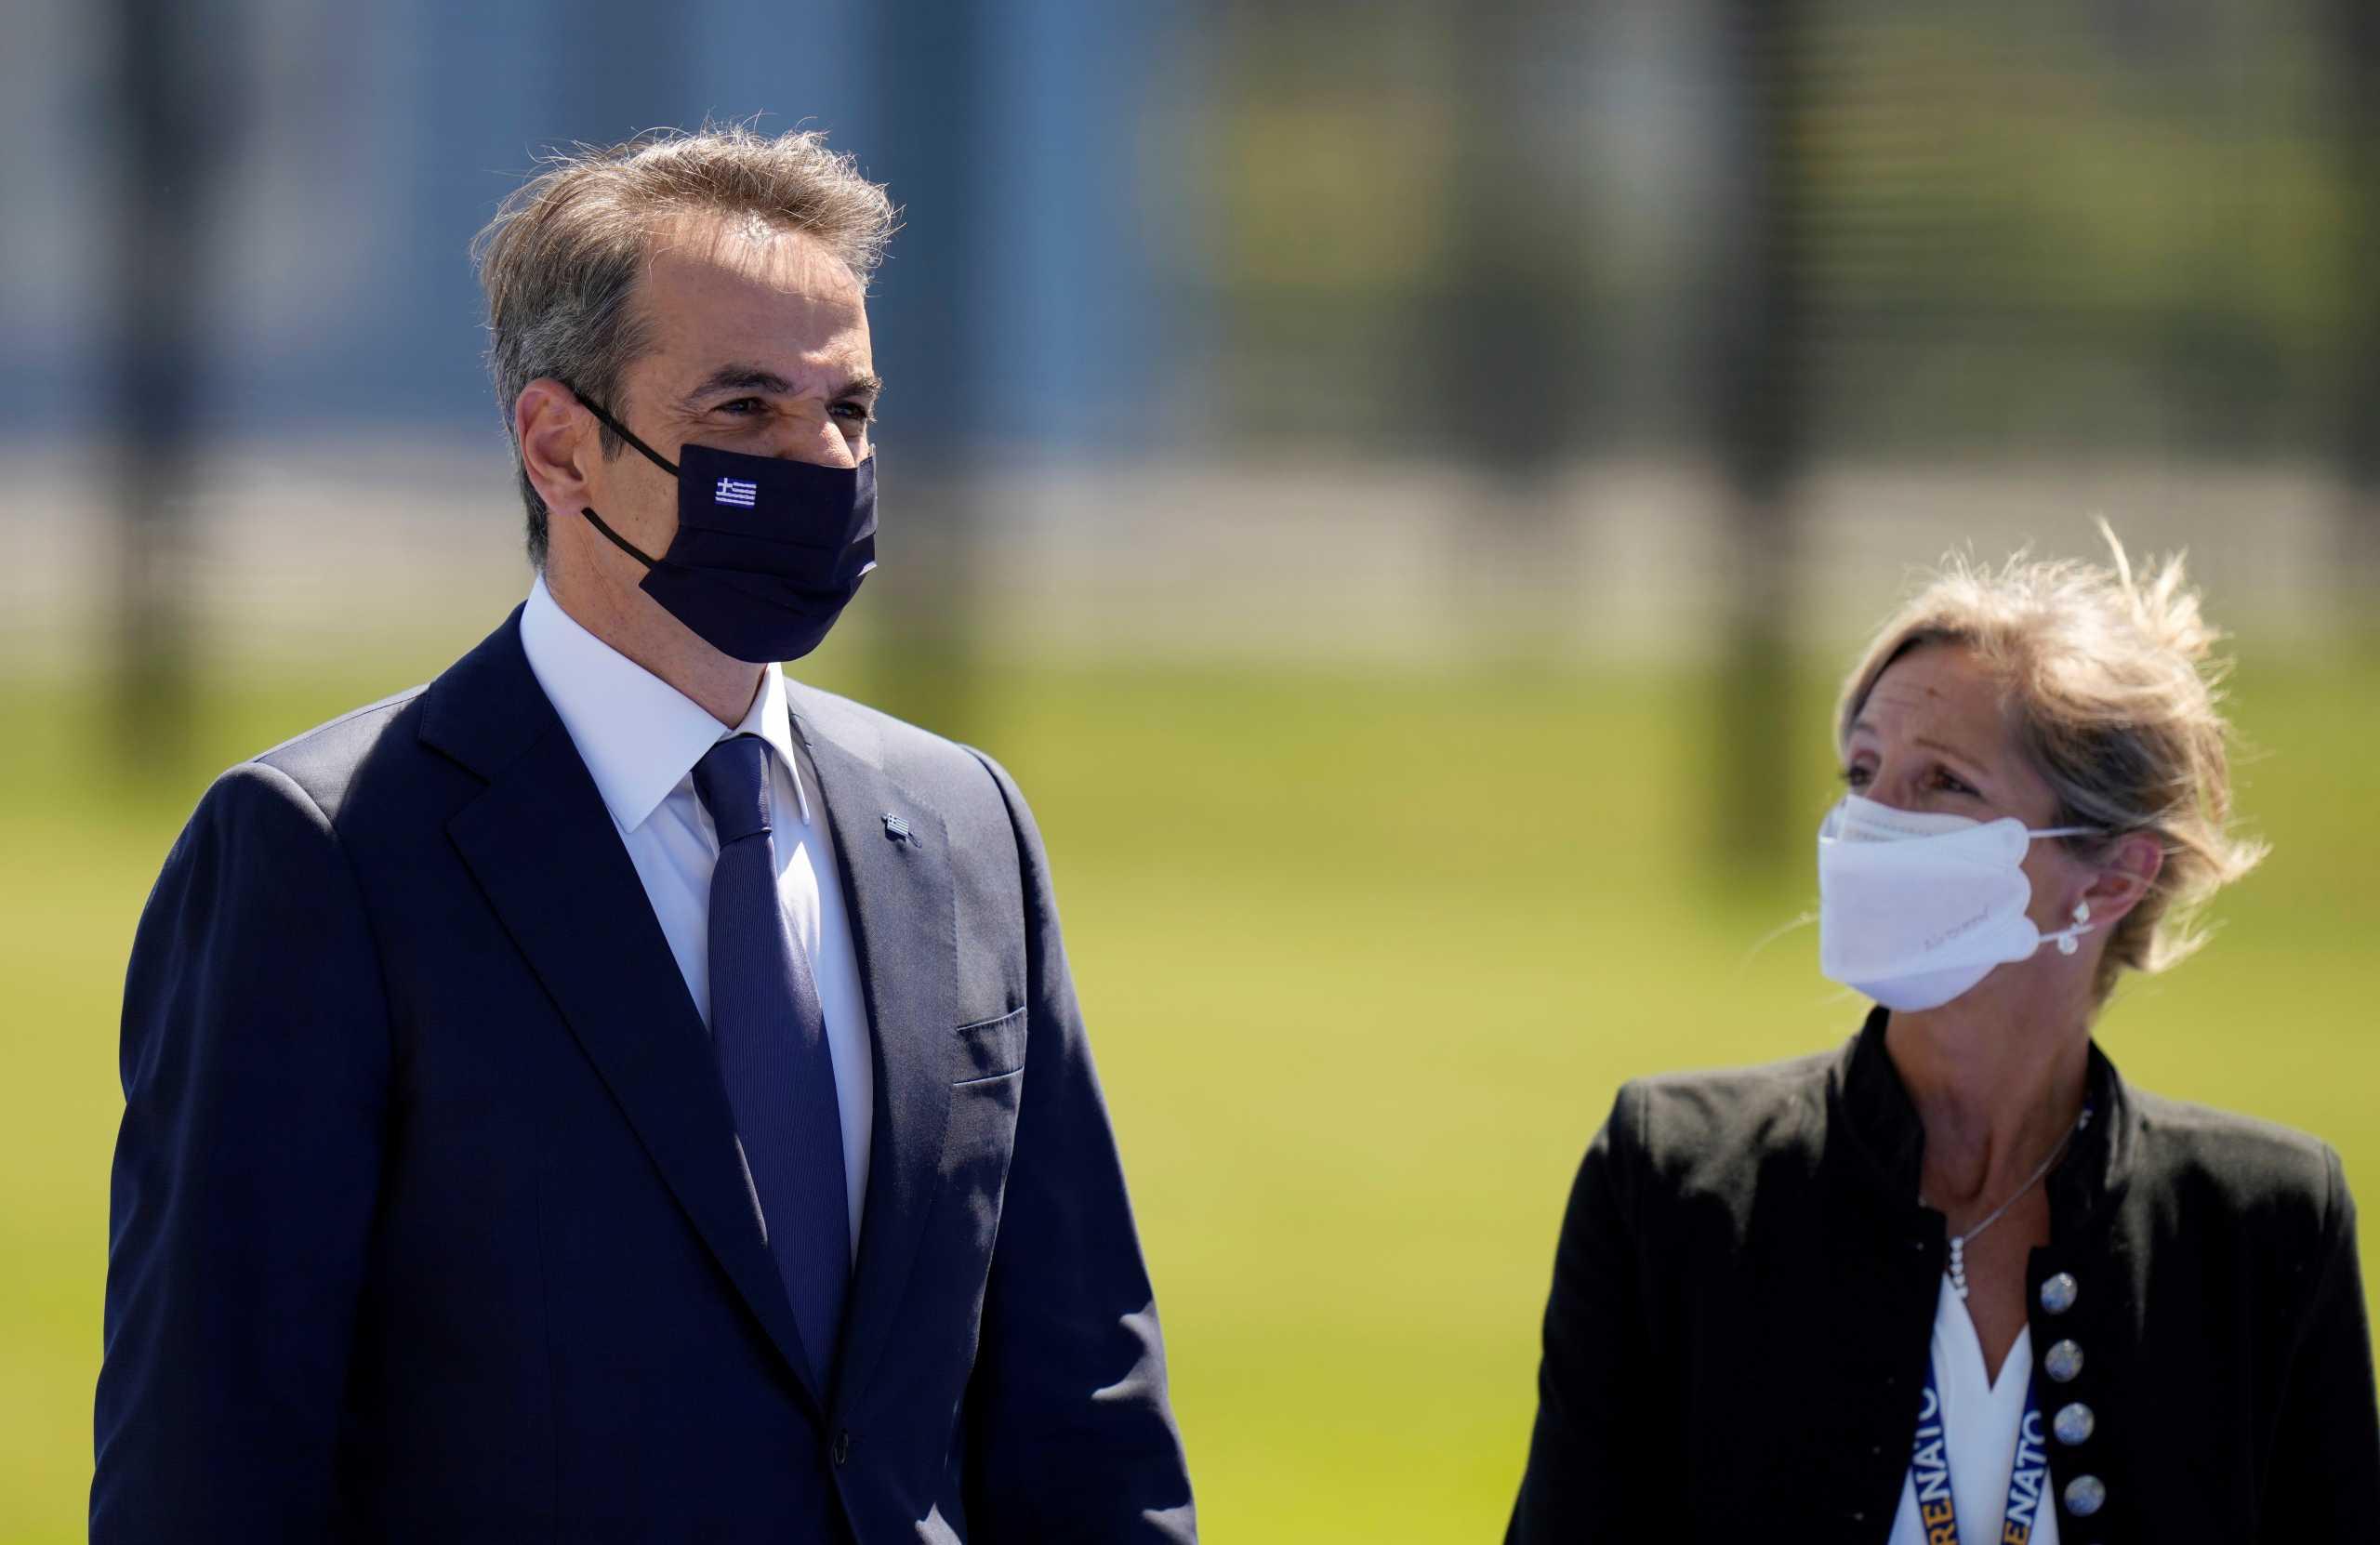 Μητσοτάκης από την Σύνοδο του ΝΑΤΟ: Η Ελλάδα είναι πυλώνας σταθερότητας στην ανατολική Μεσόγειο